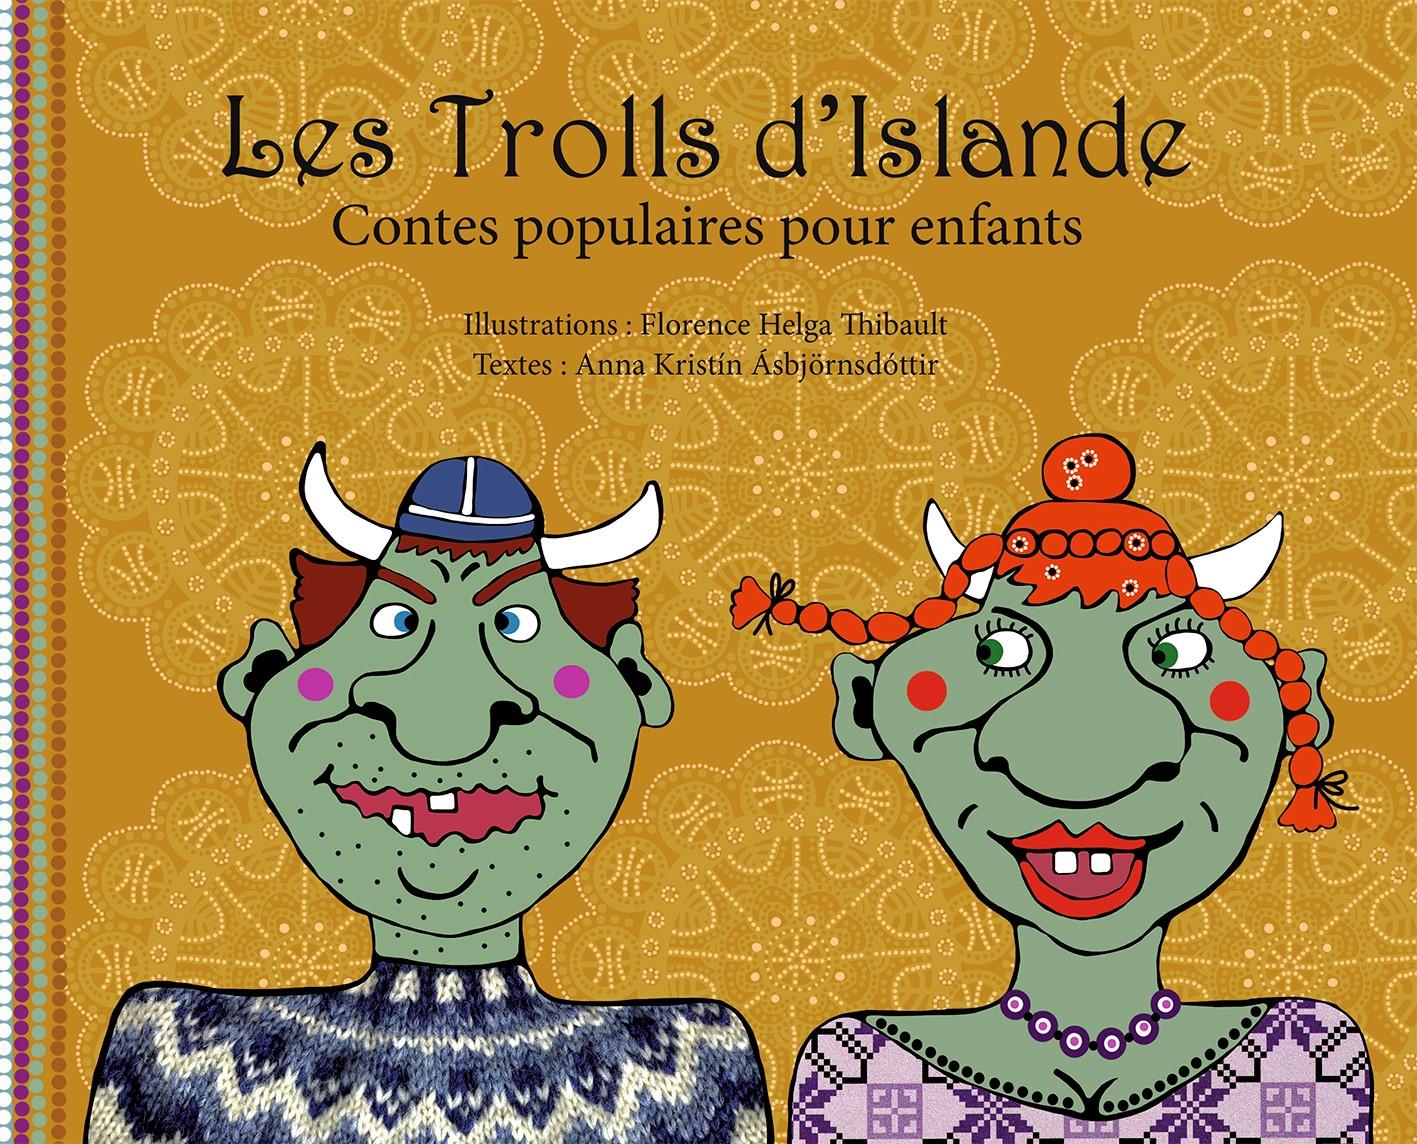 Les Trolls d'Islande